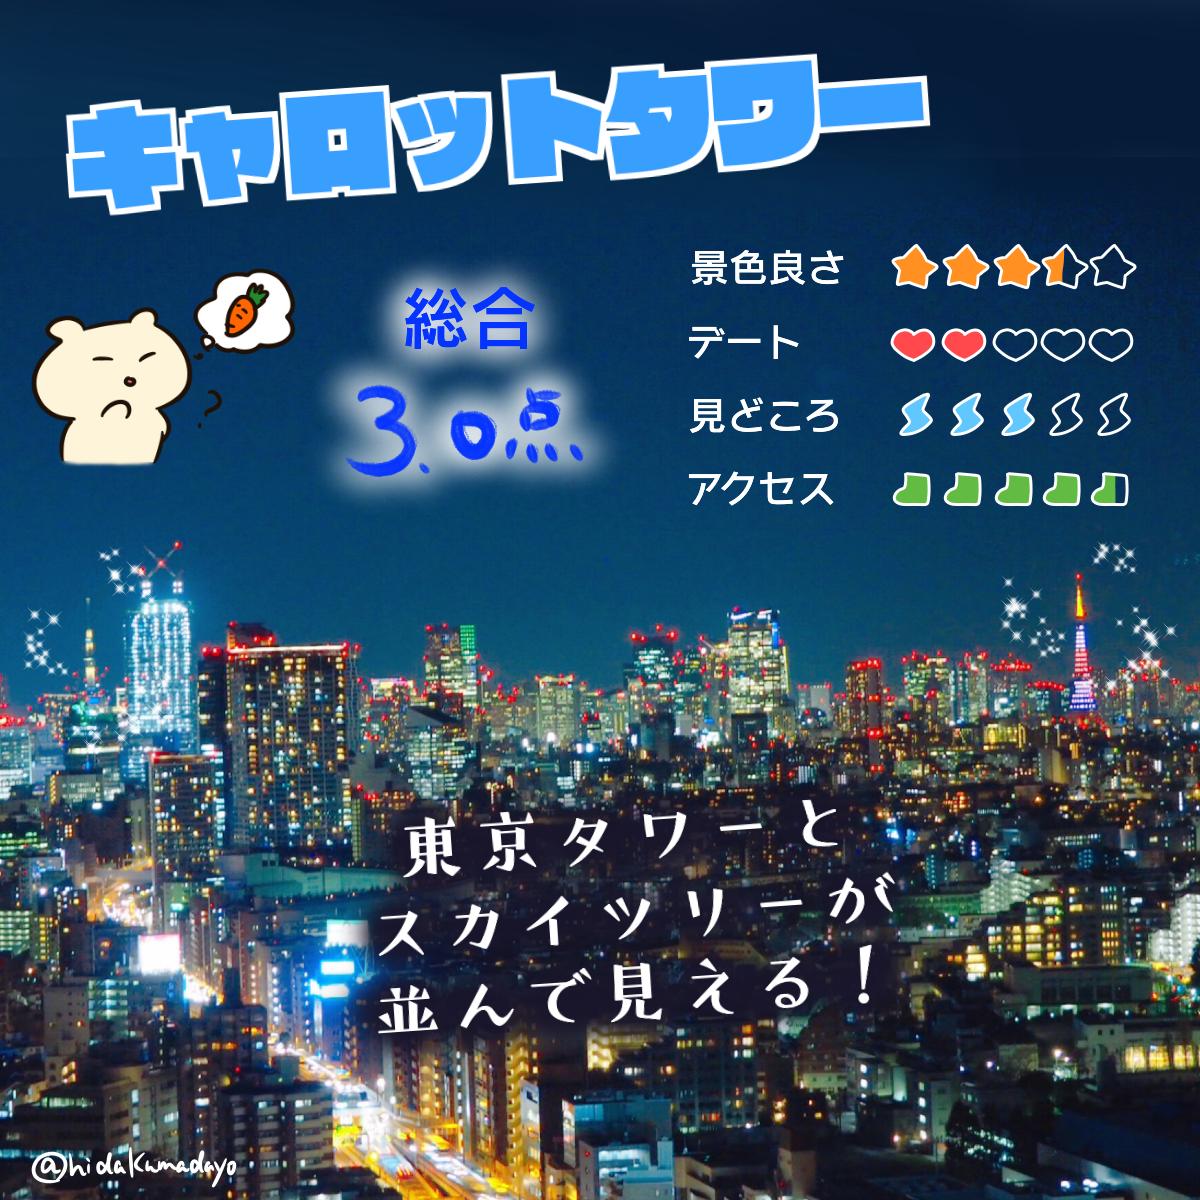 f:id:hidakumadayo:20190403212551p:plain